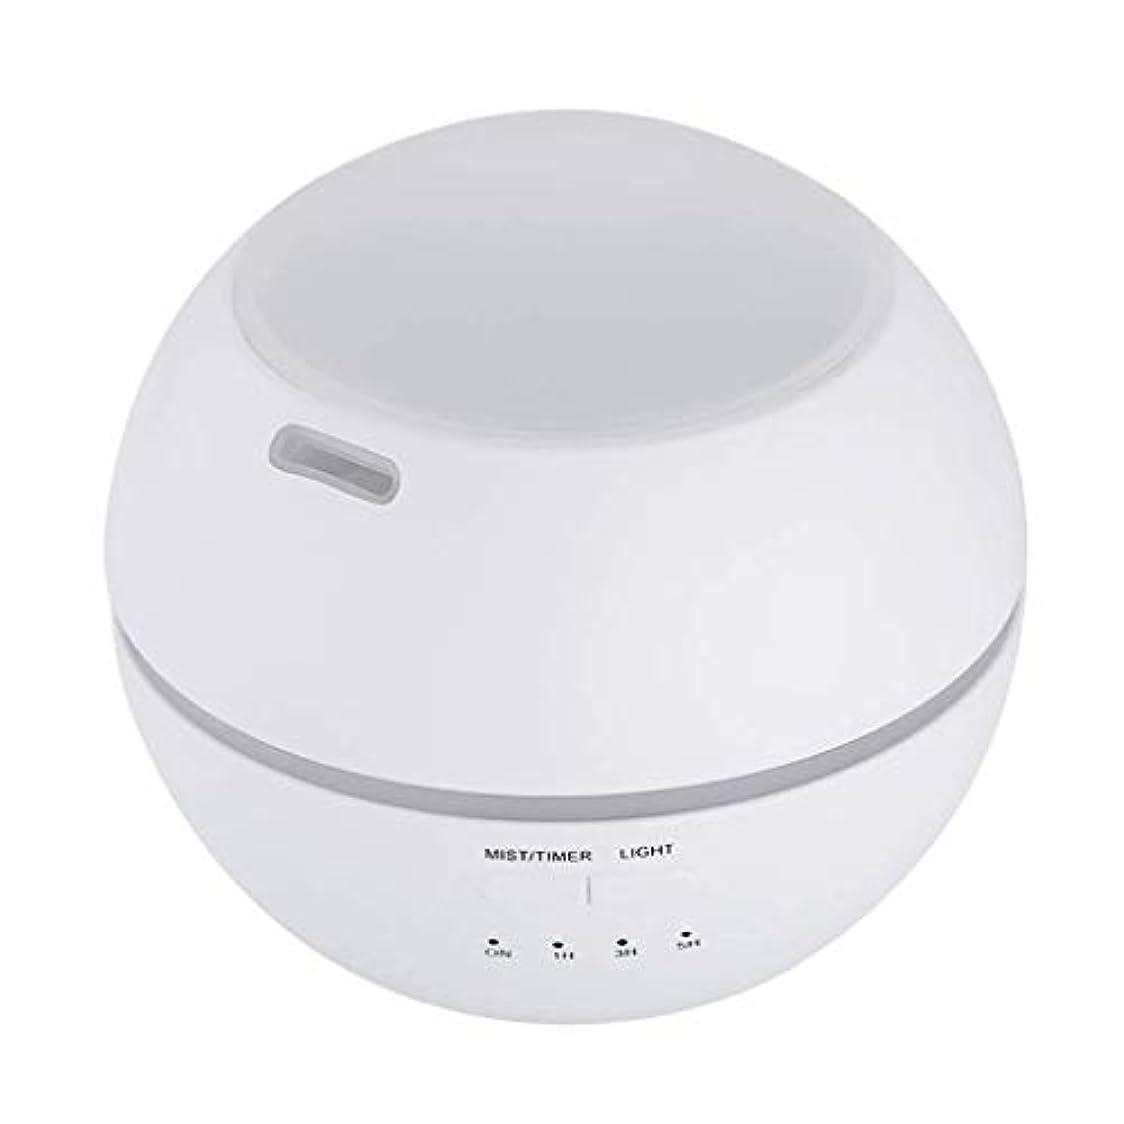 エッセイ喪元の加湿器、ポータブルアロマテラピーランプ、エッセンシャルオイルディフューザー加湿器、LEDランプの色を変える、空気清浄アロマテラピーマシン、サイレント家庭用 (Color : 白)